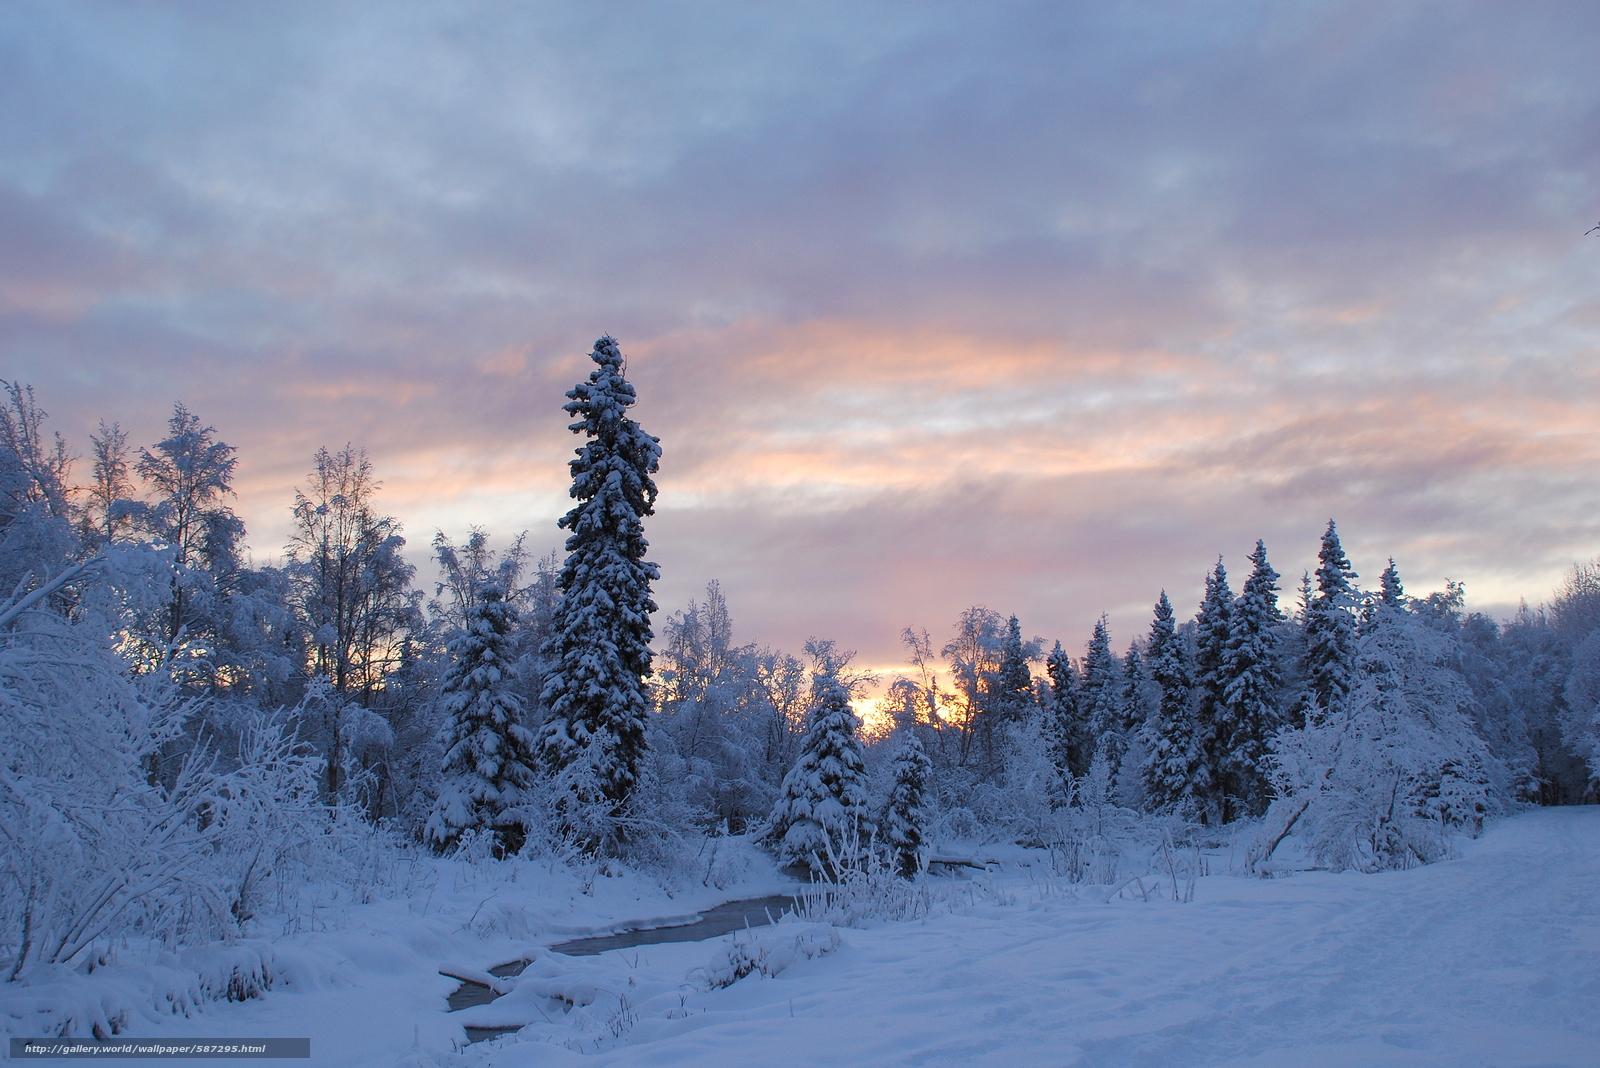 pobra tapety zima,  rzeka,  las,  drzew Darmowe tapety na pulpit rozdzielczoci 3776x2520 — zdjcie №587295